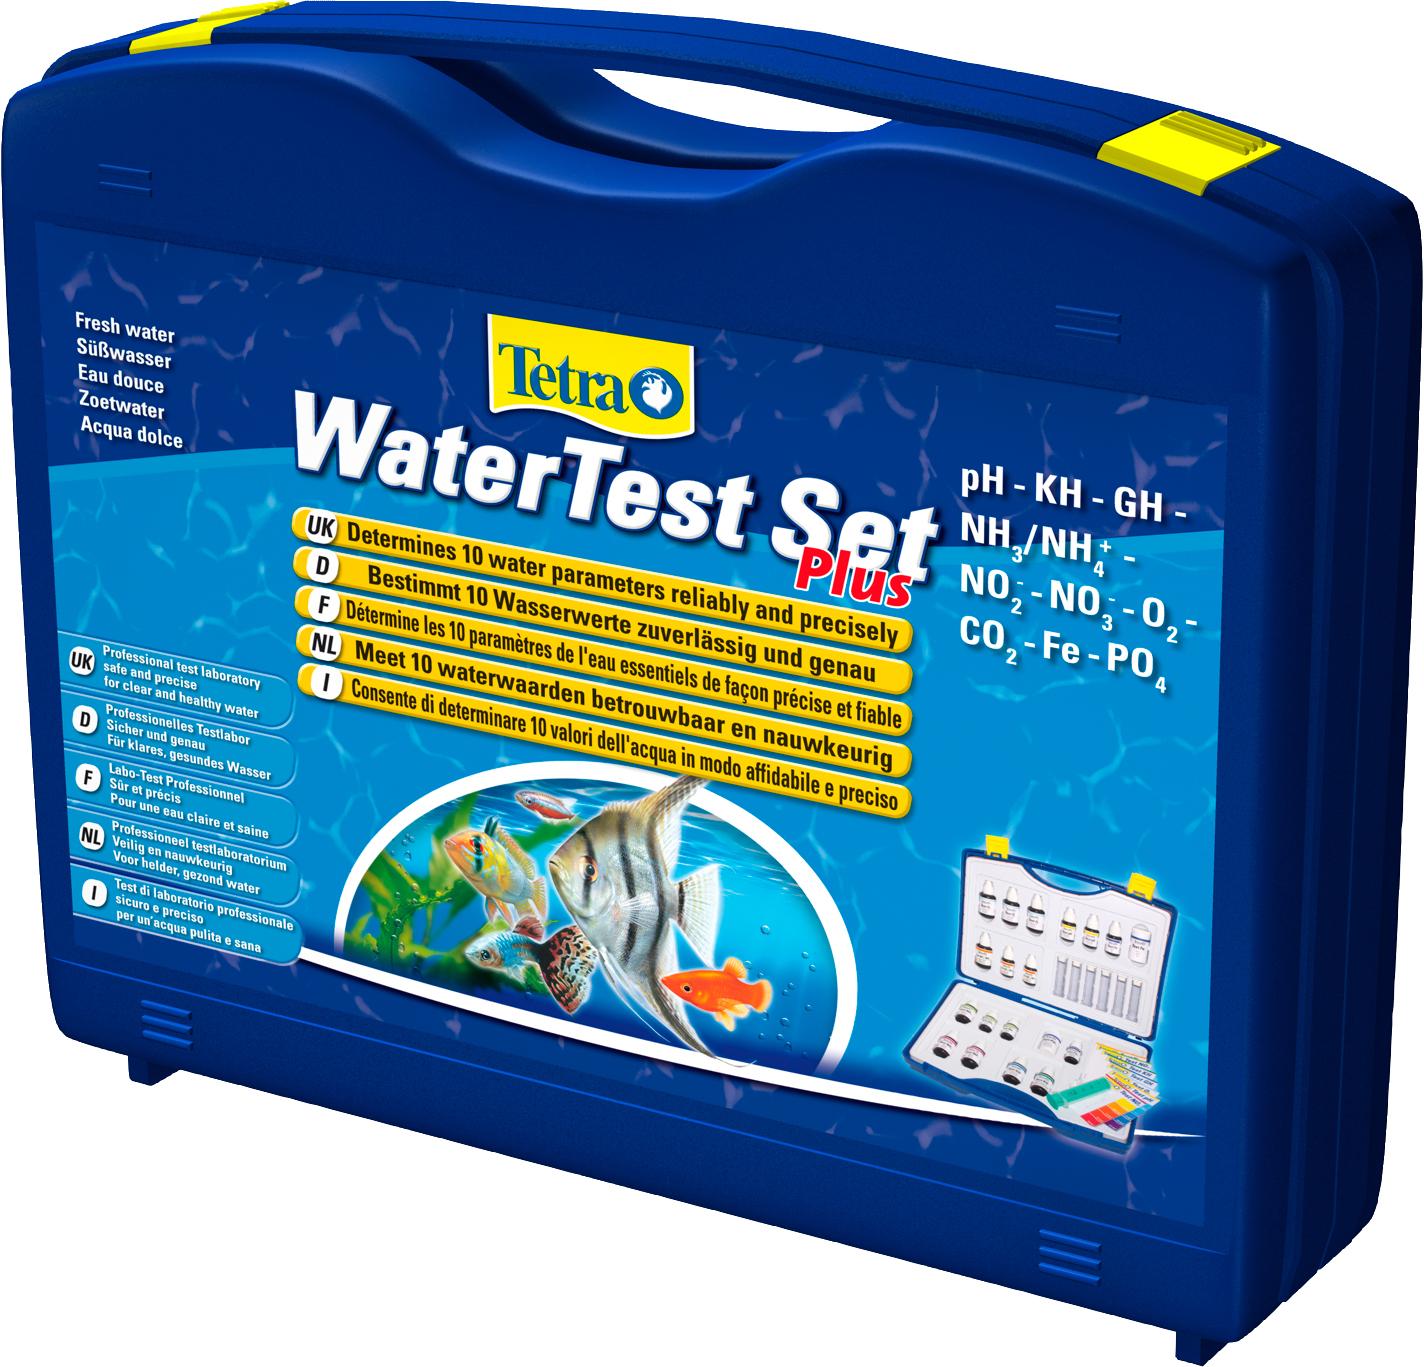 TETRA Water Test Set Plus malette de test professionnel pour la mesure précises de 6 paramètres importants de votre eau